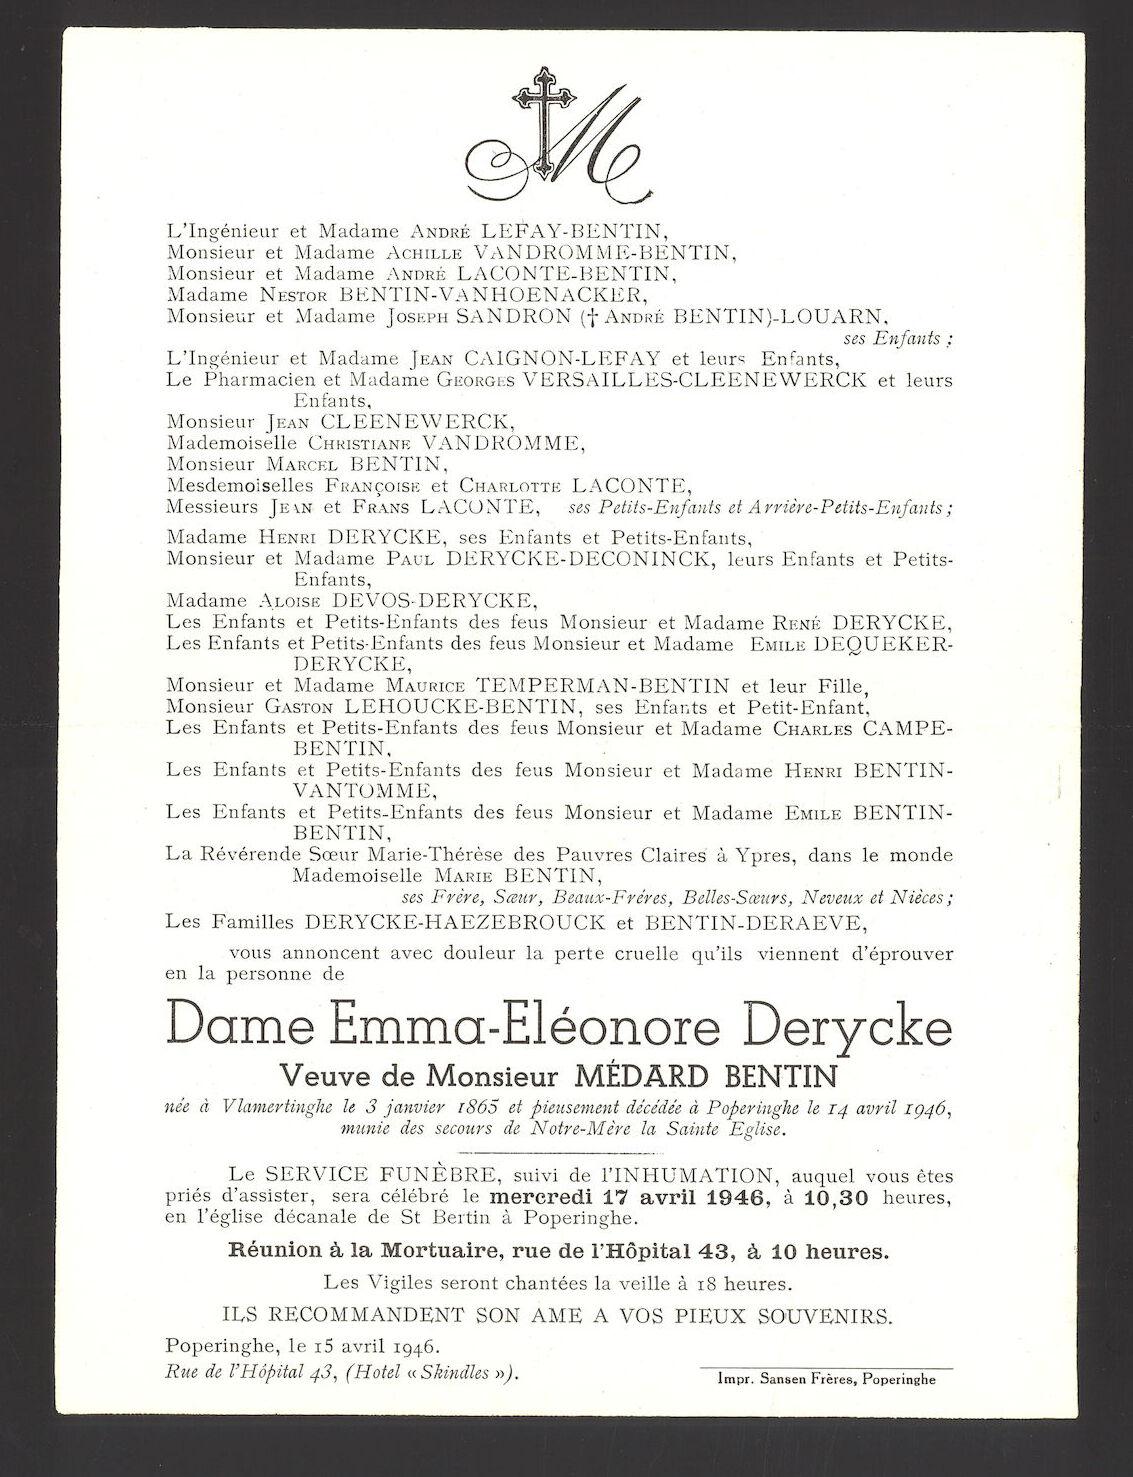 Emma-Eléonore Derycke